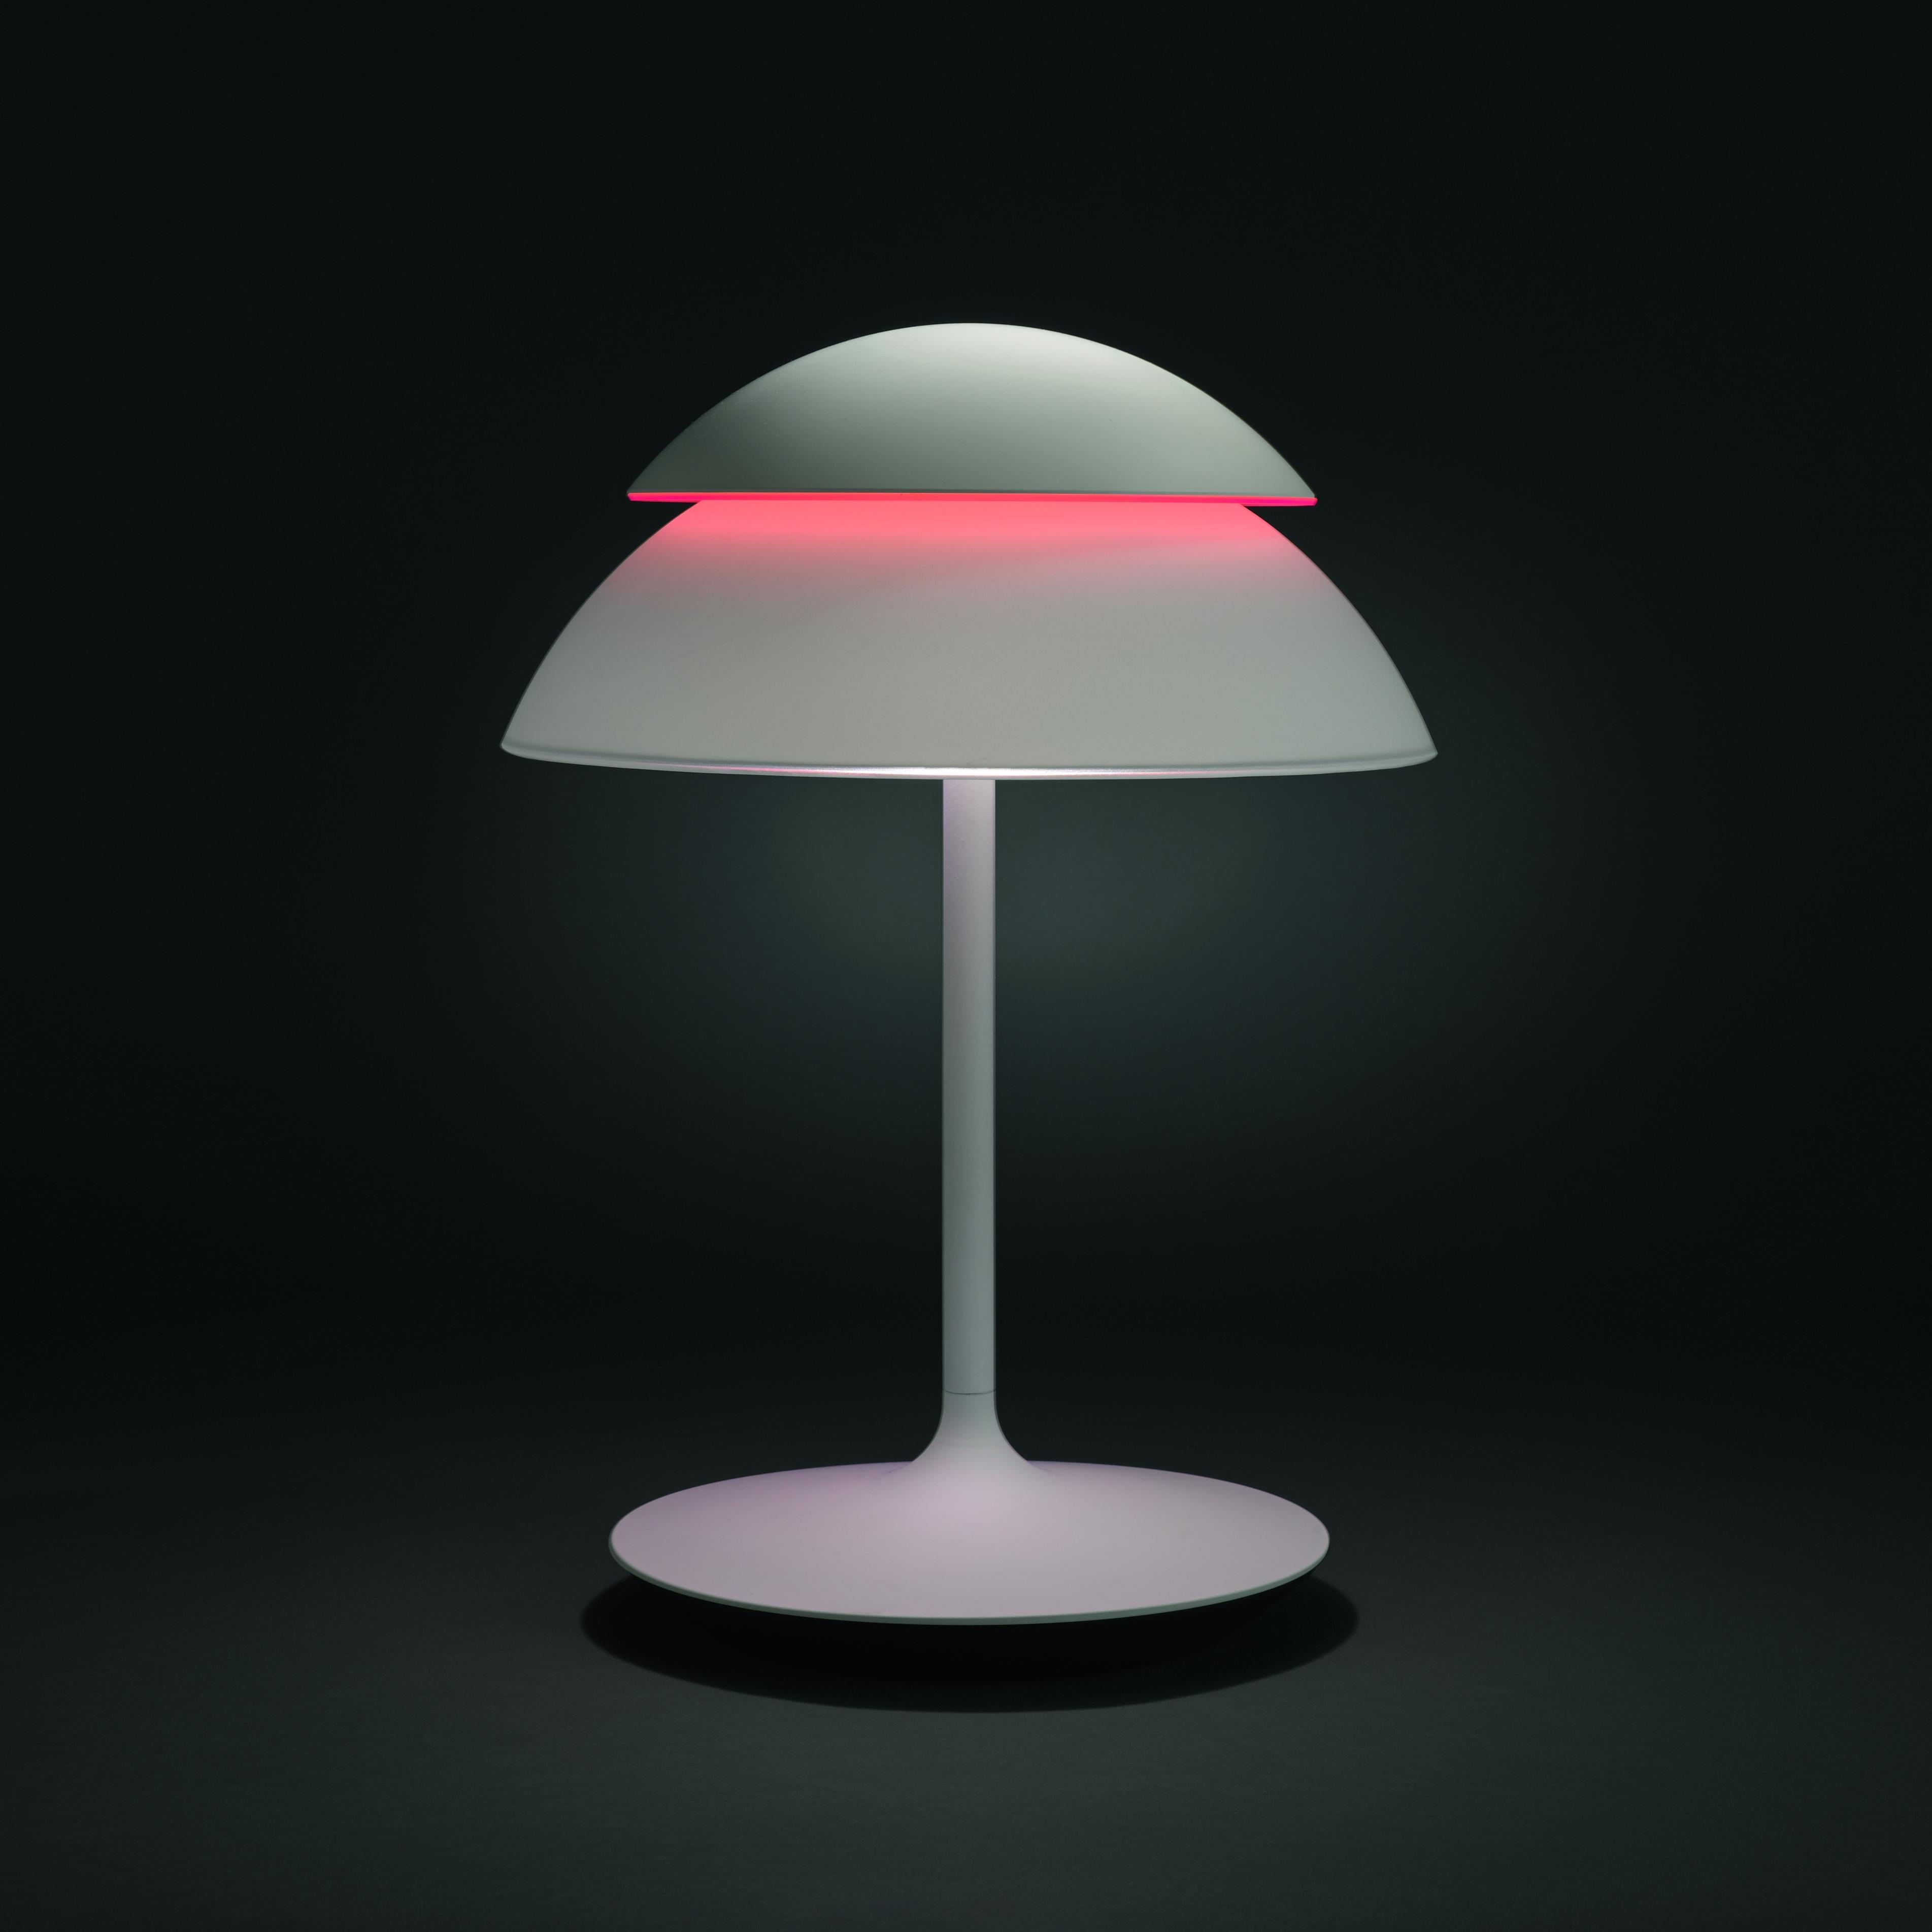 mehr licht hue beyond leuchte von philips. Black Bedroom Furniture Sets. Home Design Ideas